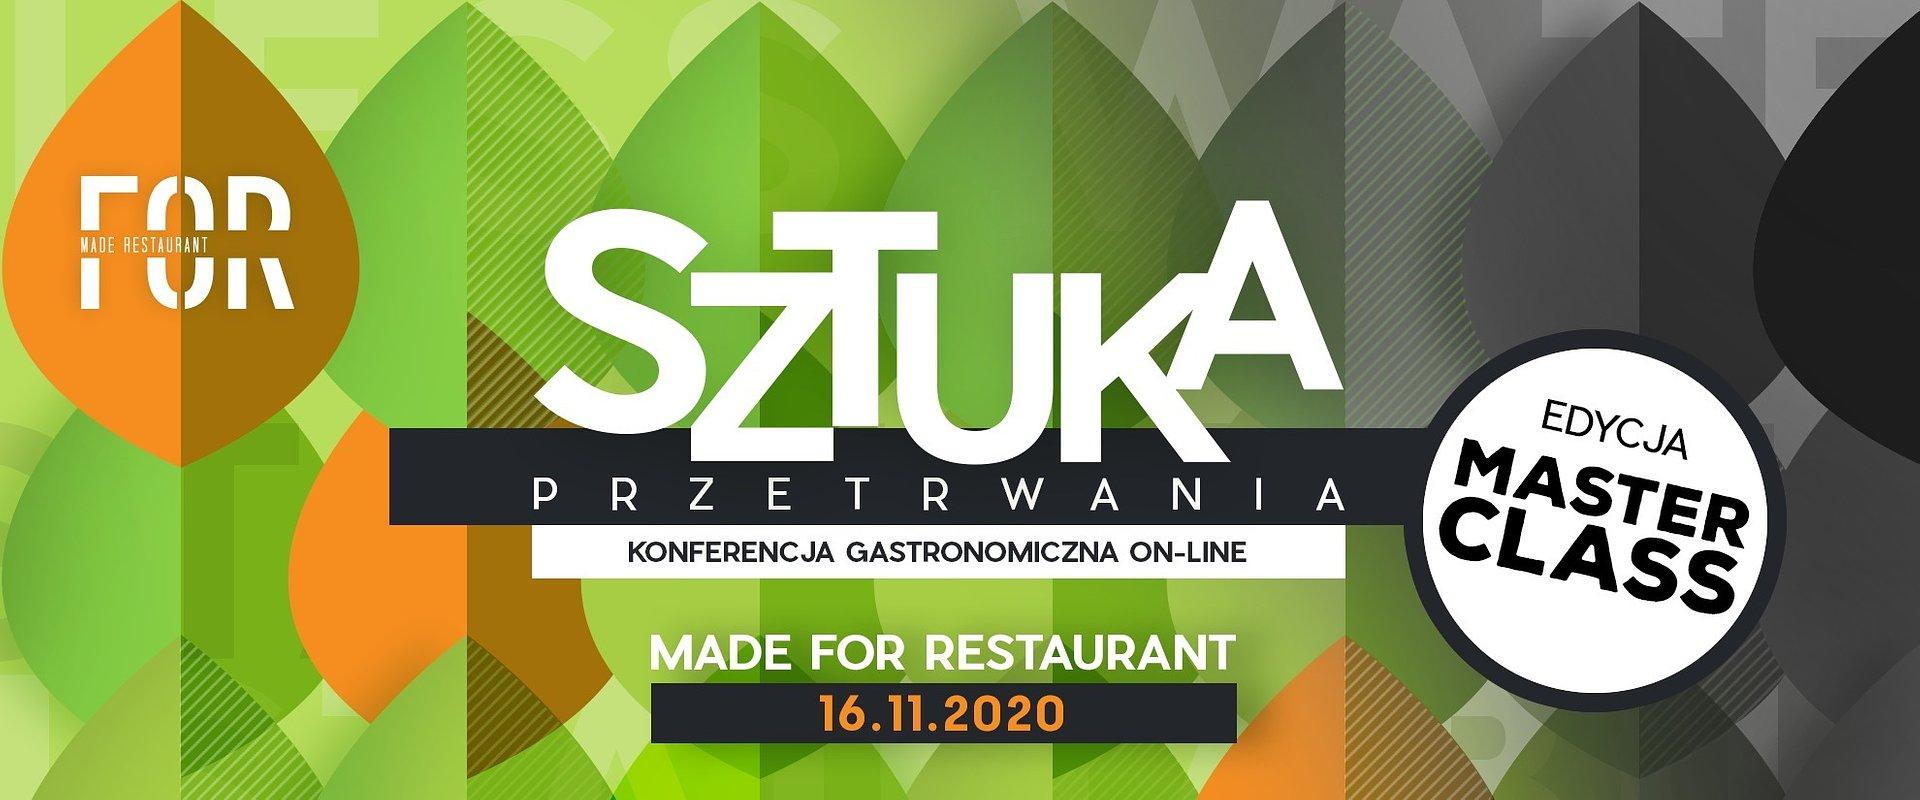 Transgourmet i Selgros Cash & Carry ponownie partnerem strategicznym Konferencji Kryzysowej Made FOR Restaurant